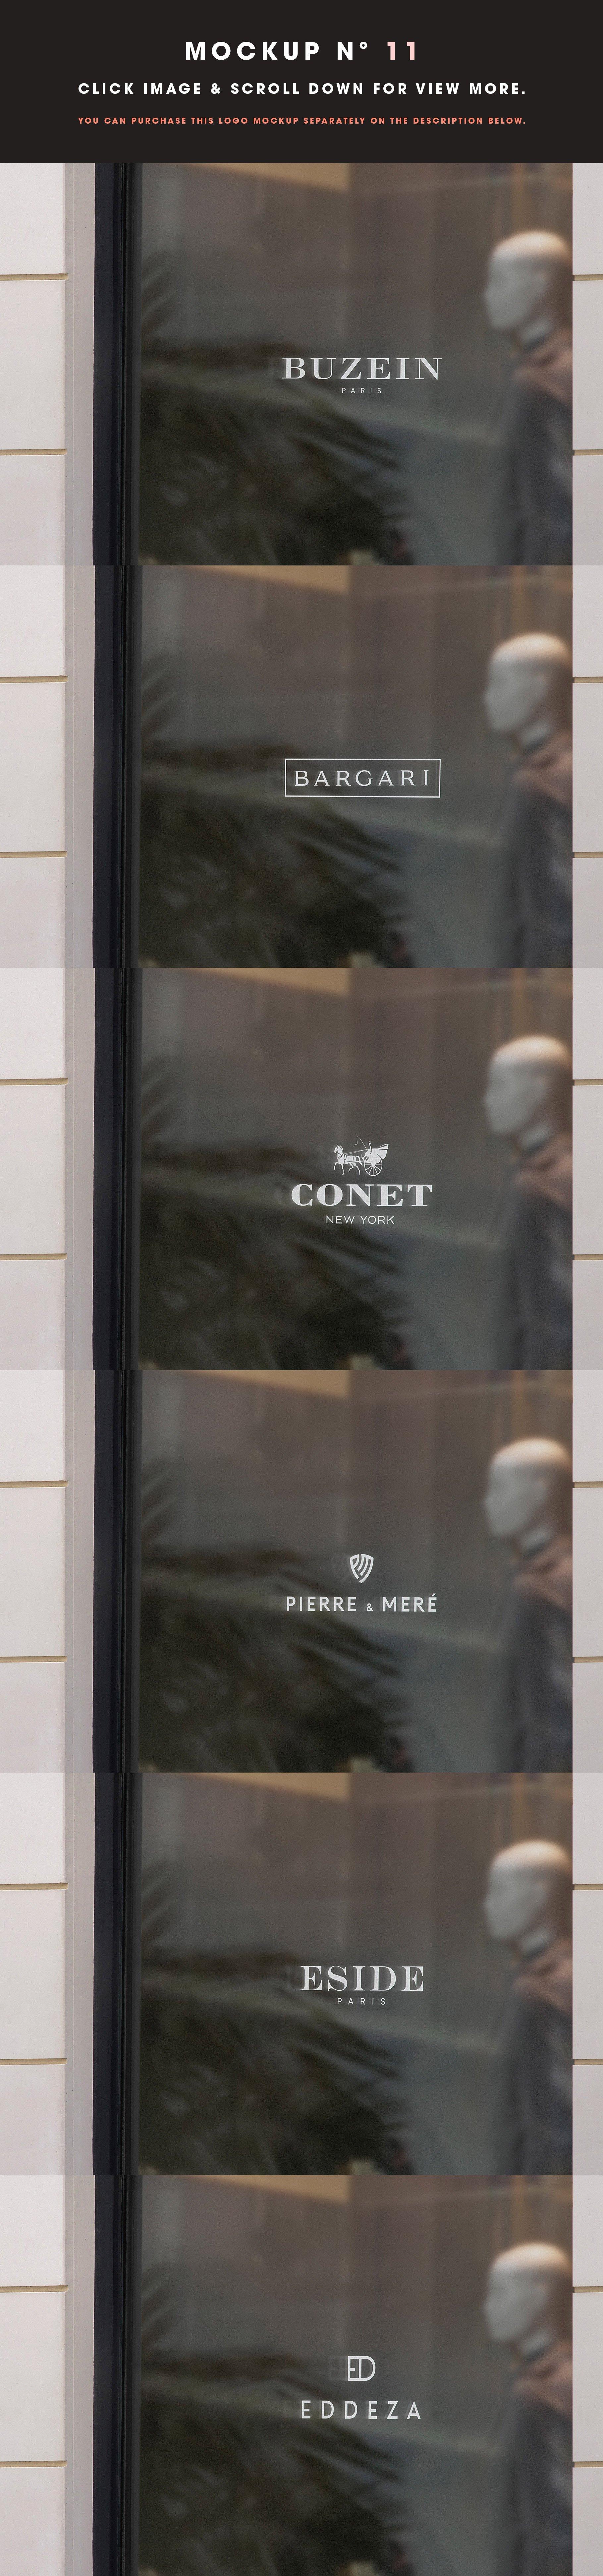 [单独购买] 25款街头门店玻璃窗户徽标标牌Logo设计展示样机模板合集 25 Window Signs Logo Mockups – V2插图13